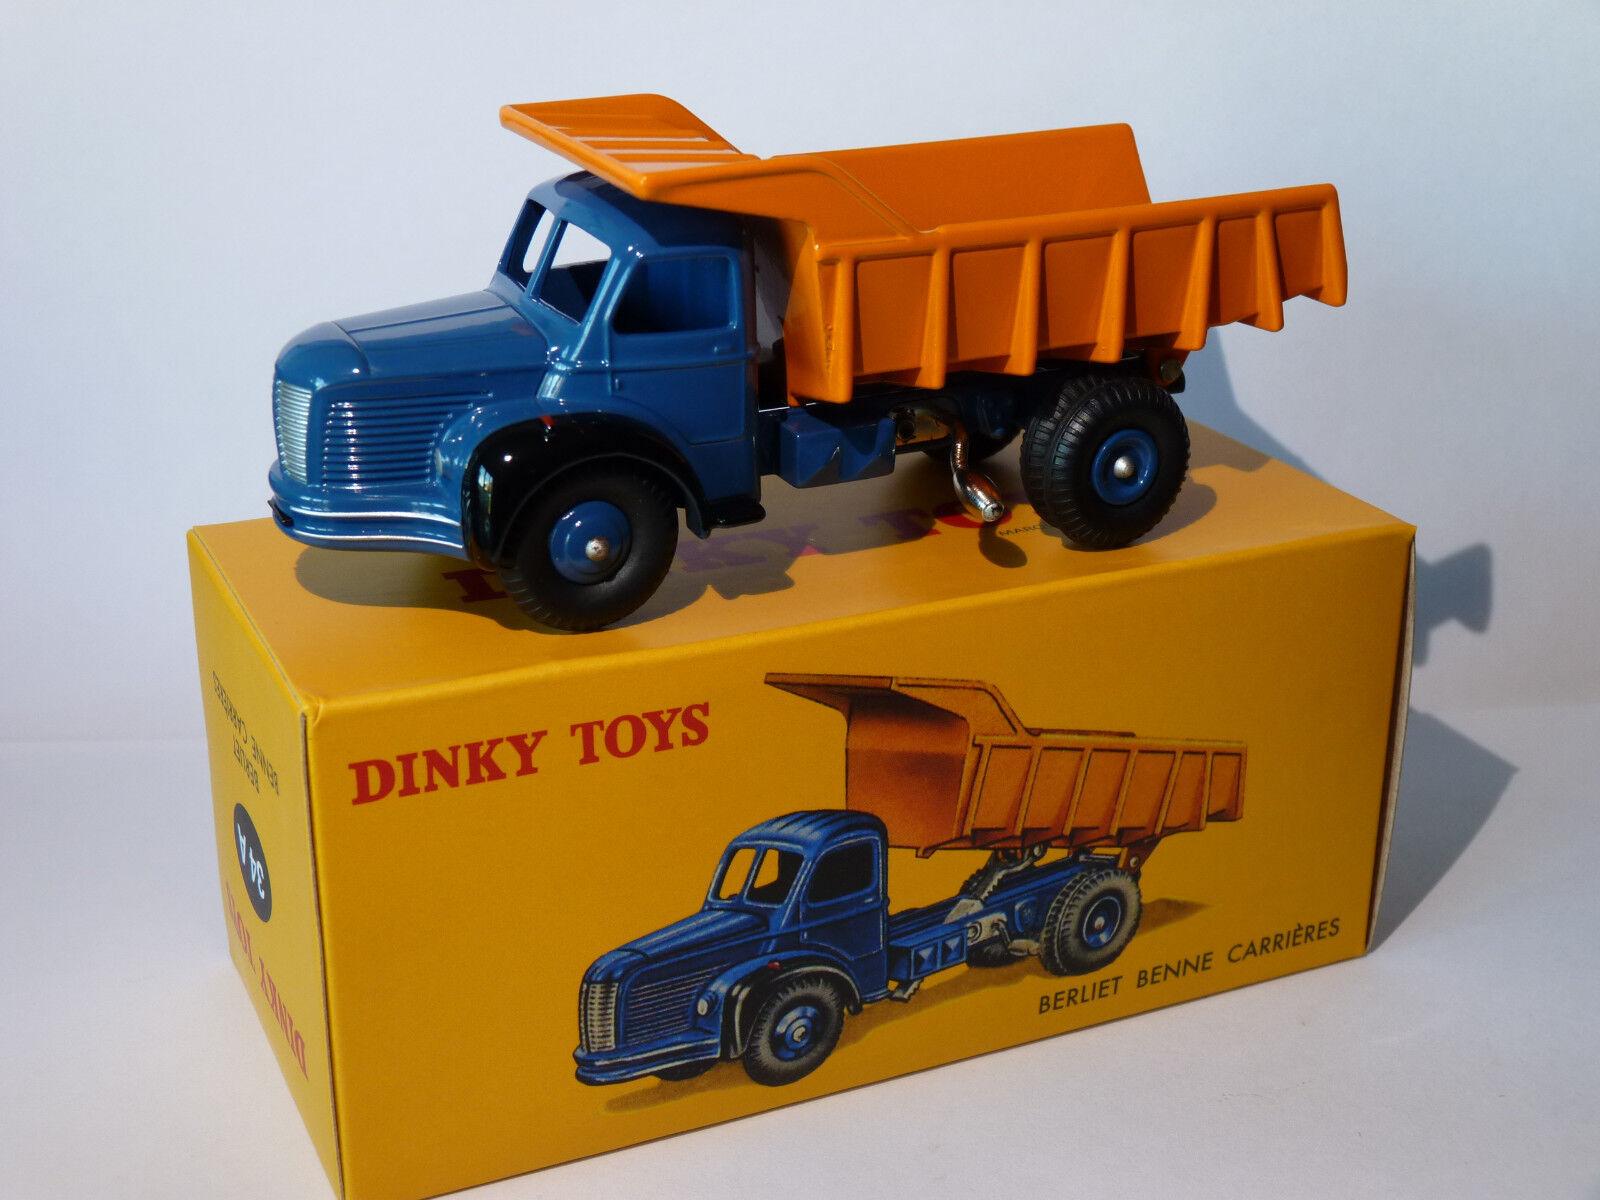 Berliet Tipper Careers - Ref 34A 34 a choose 1 43 Dinky Toys Atlas